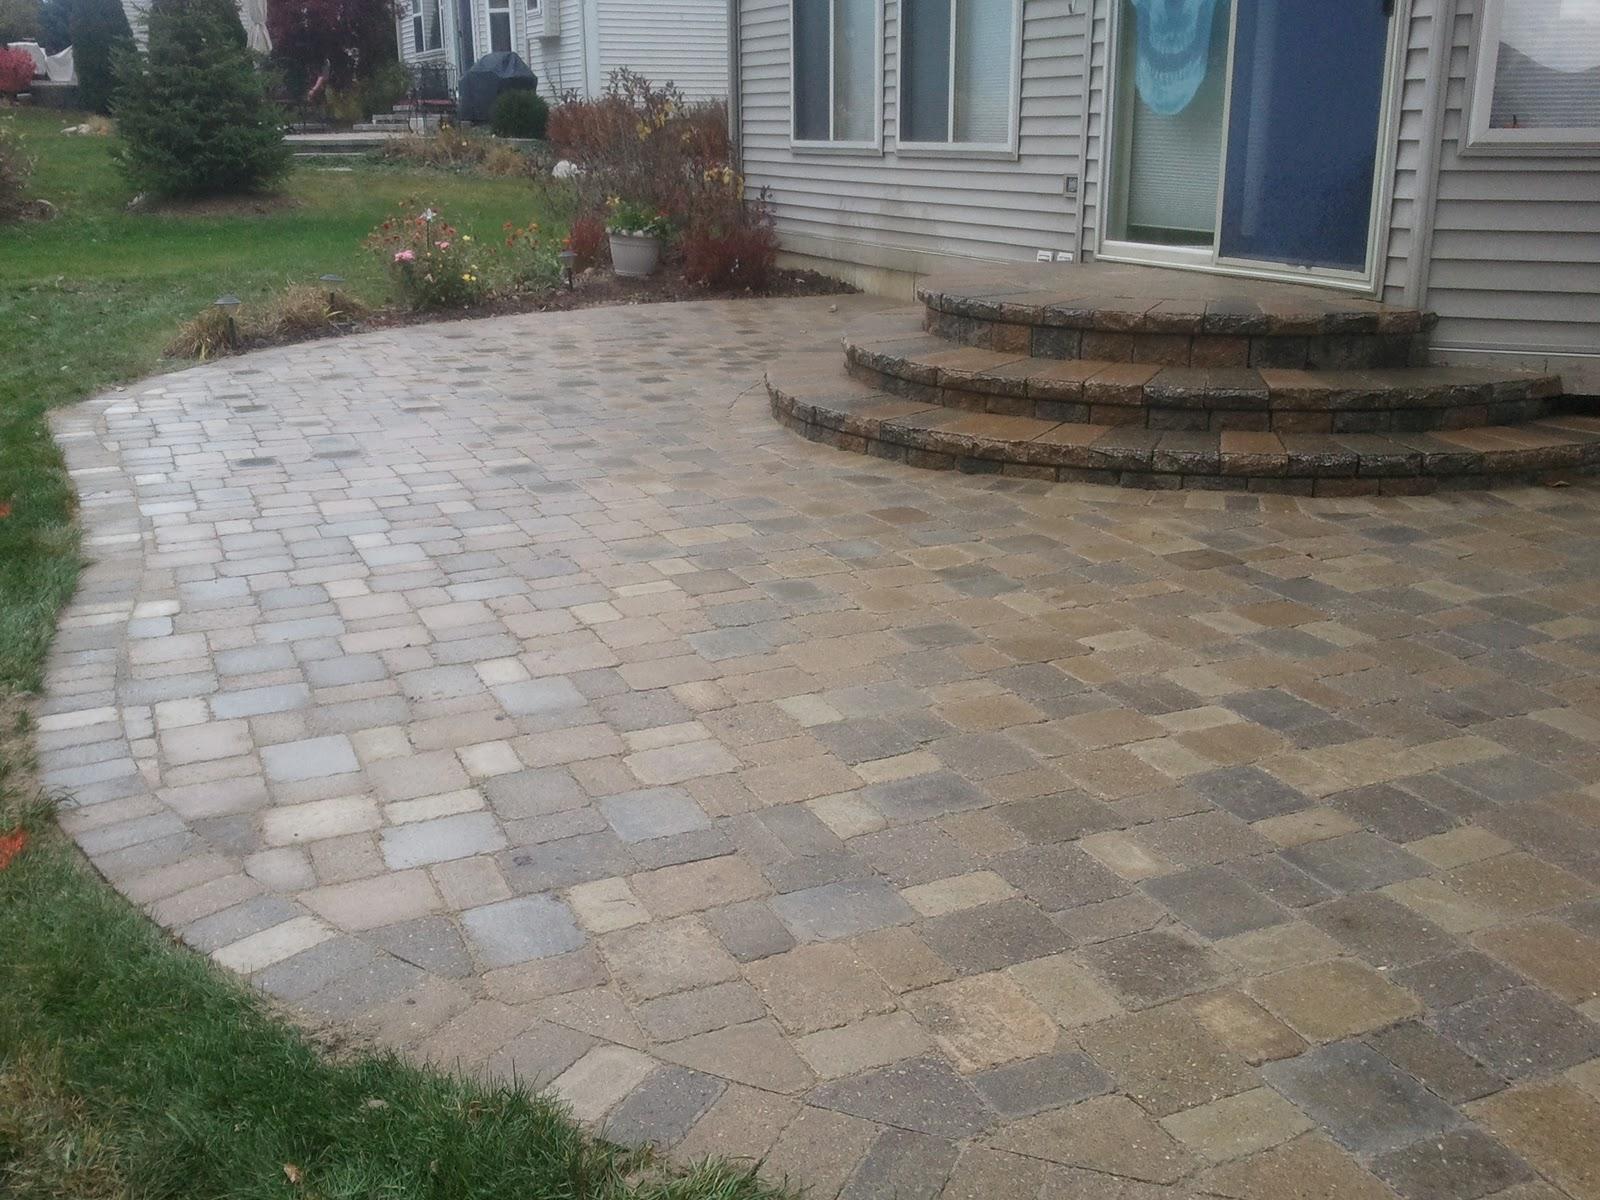 Brick Pavers,Canton,Ann Arbor,Plymouth,Patio,Patios,Repair ... on Paver Patio Designs id=83205